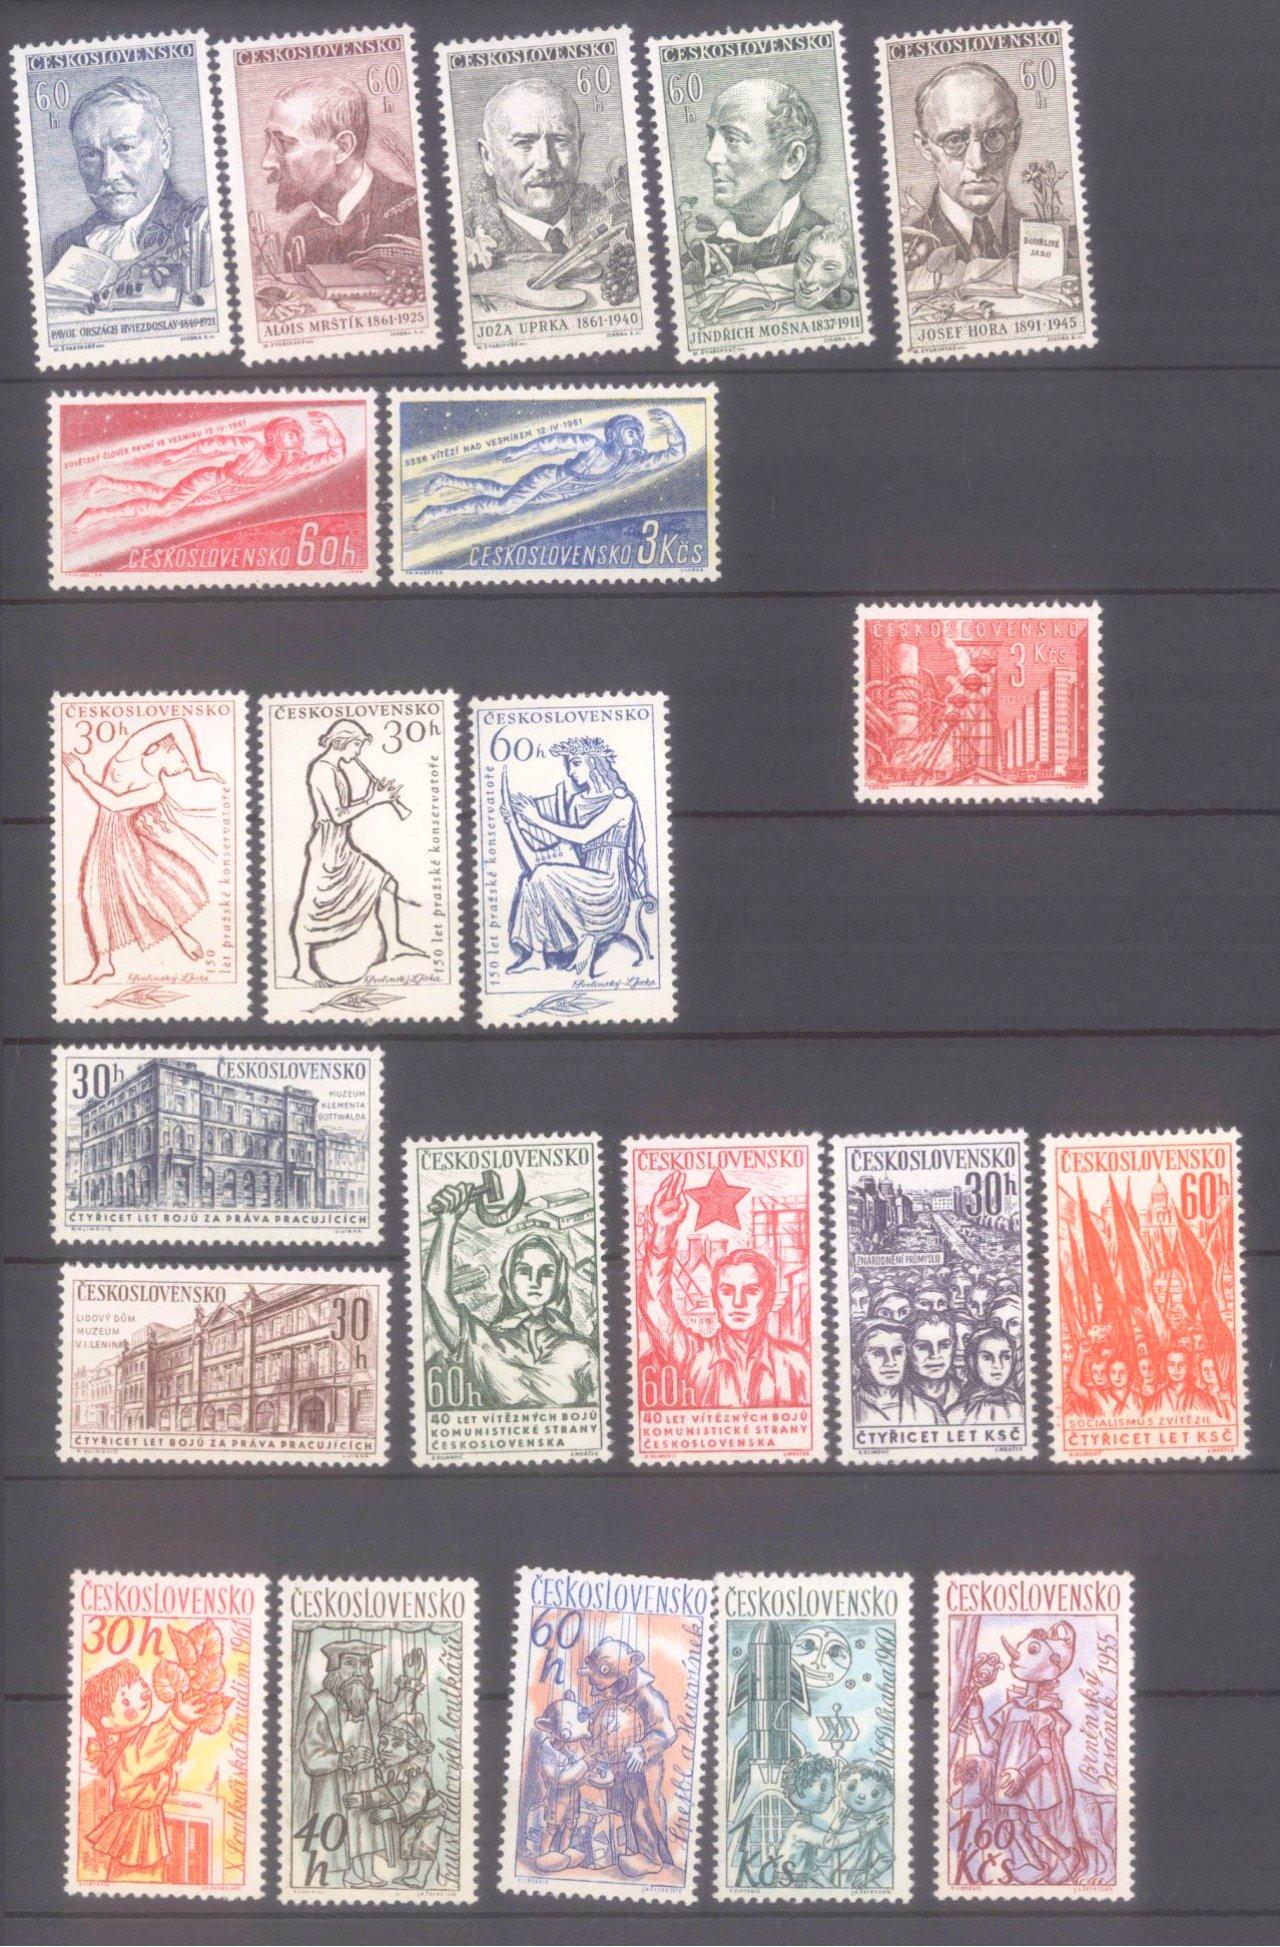 Sammlung CSSR in 6 Alben, dabei auch Bogen-10